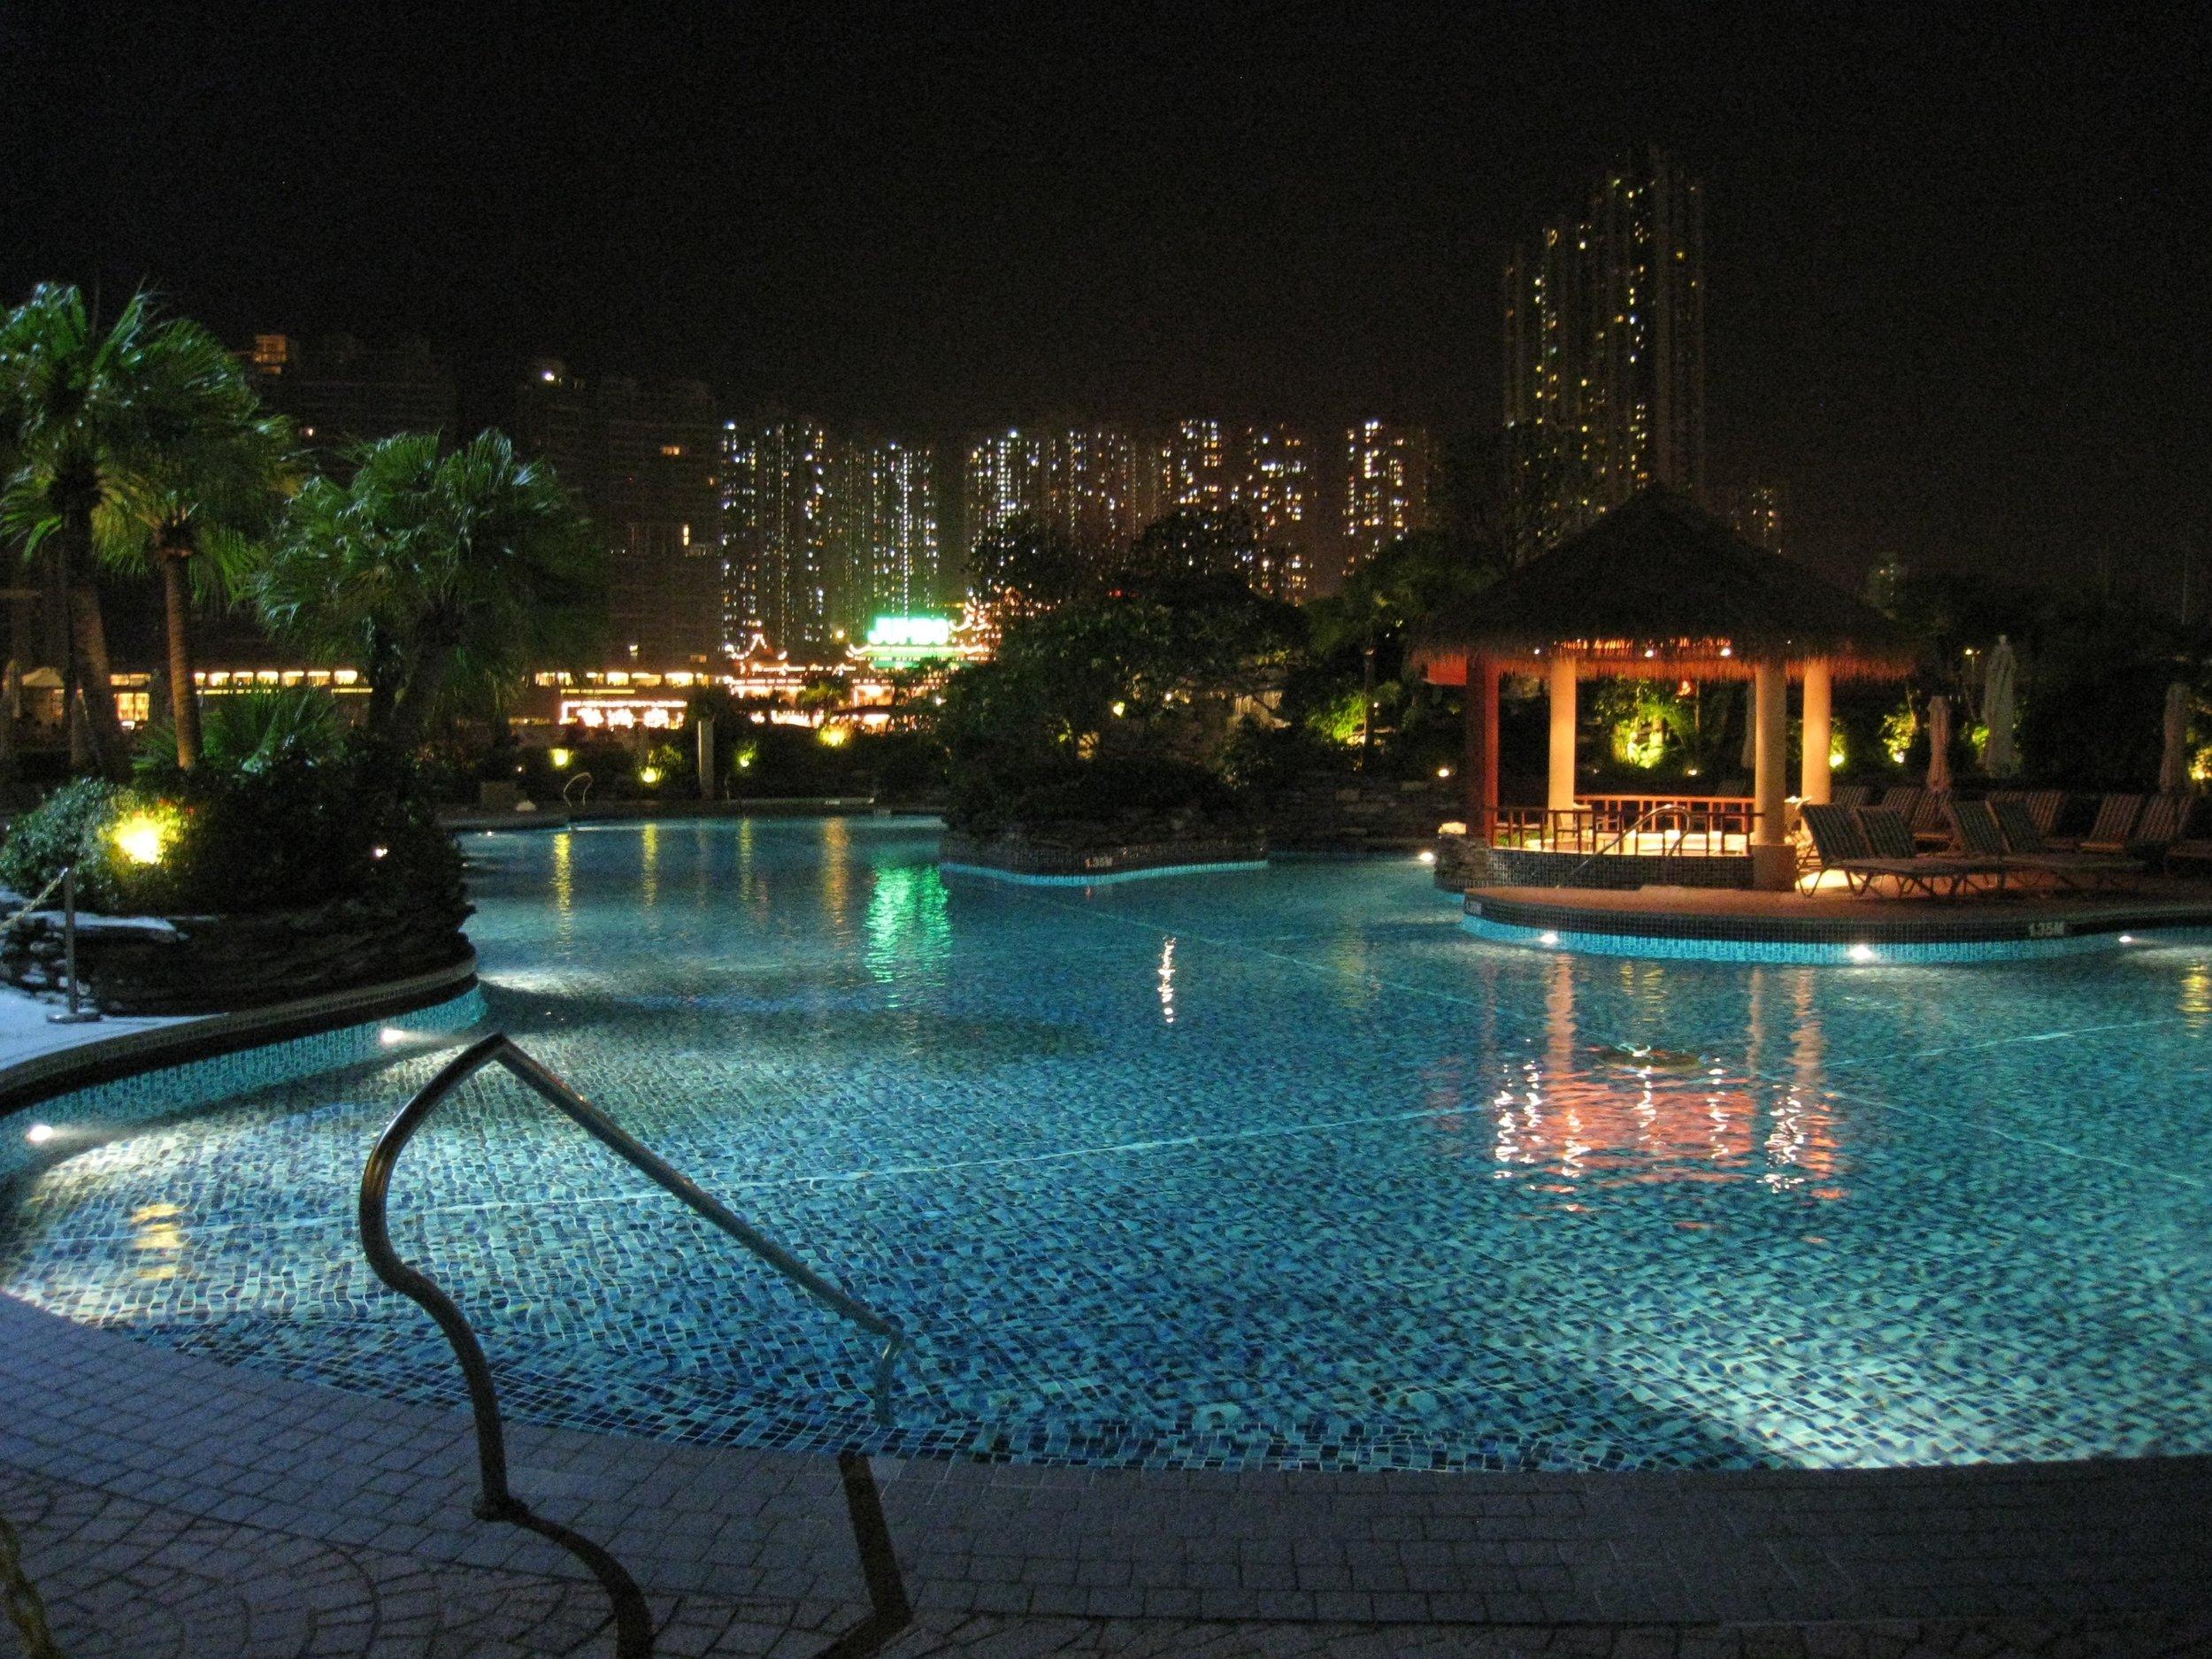 POOL @ HONG KONG JOCKEY CLUB CLUB HOUSE